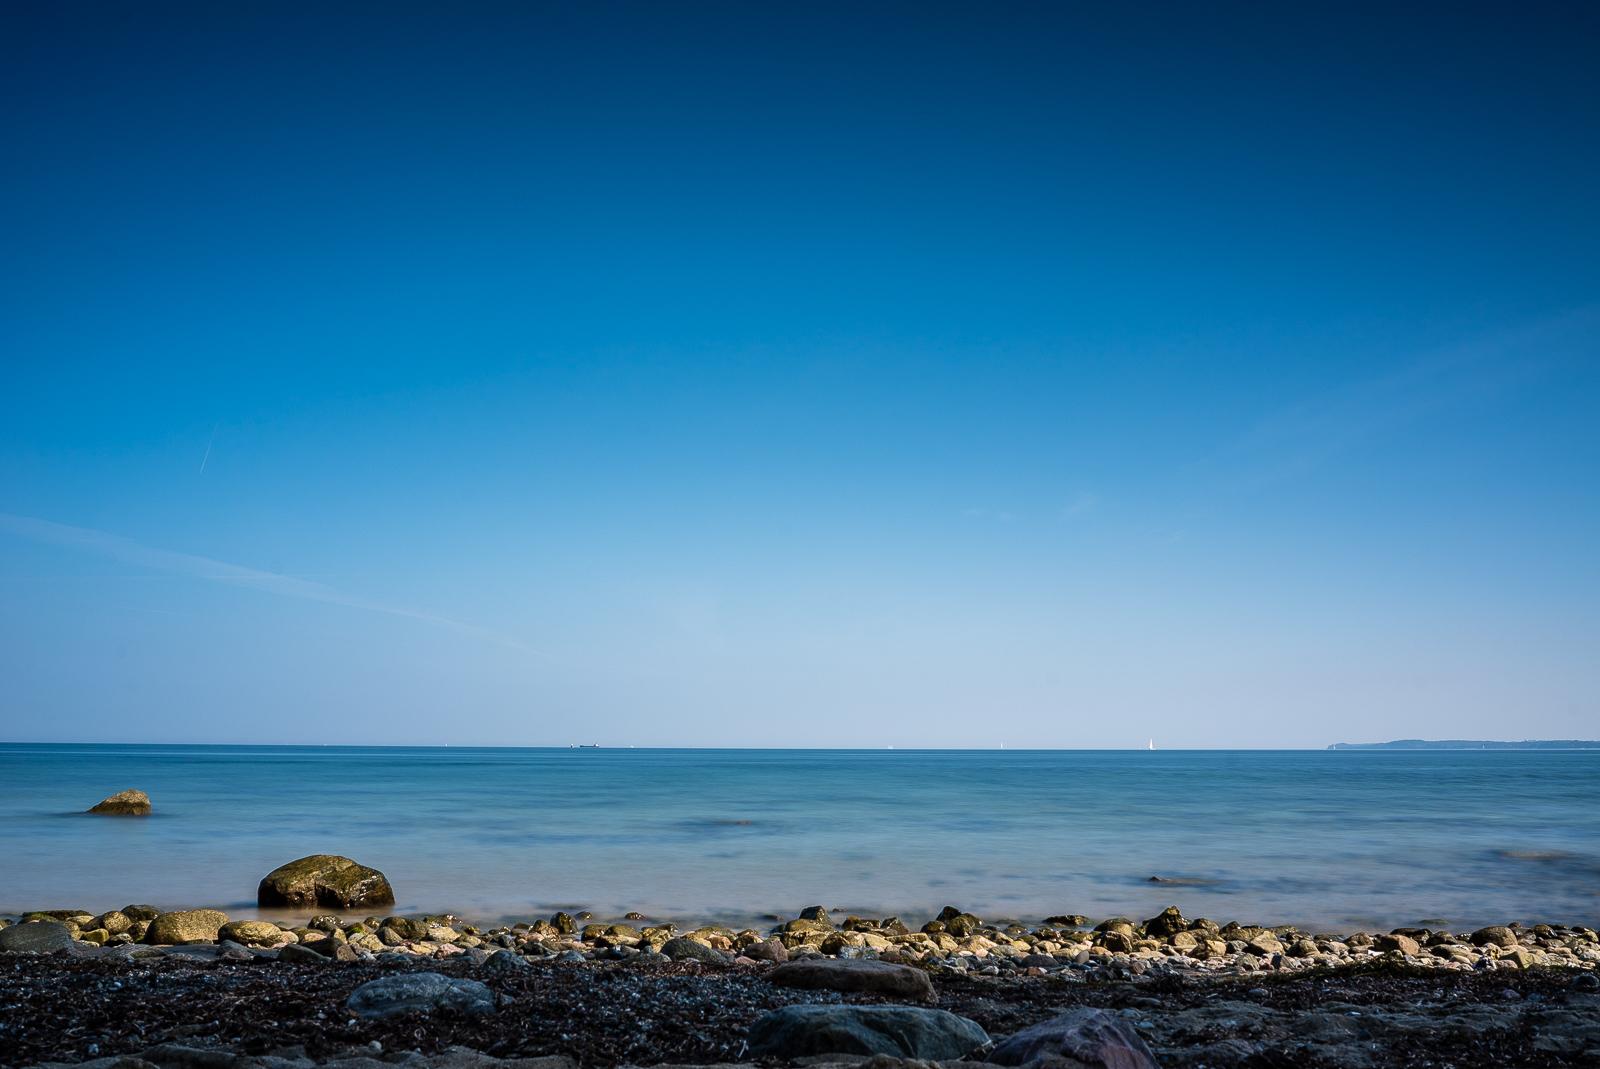 Ostseeküste vor Travemünde / Brodten, 2:1-Aufteilung mit klarem blauem Himmel über blauem Wasser